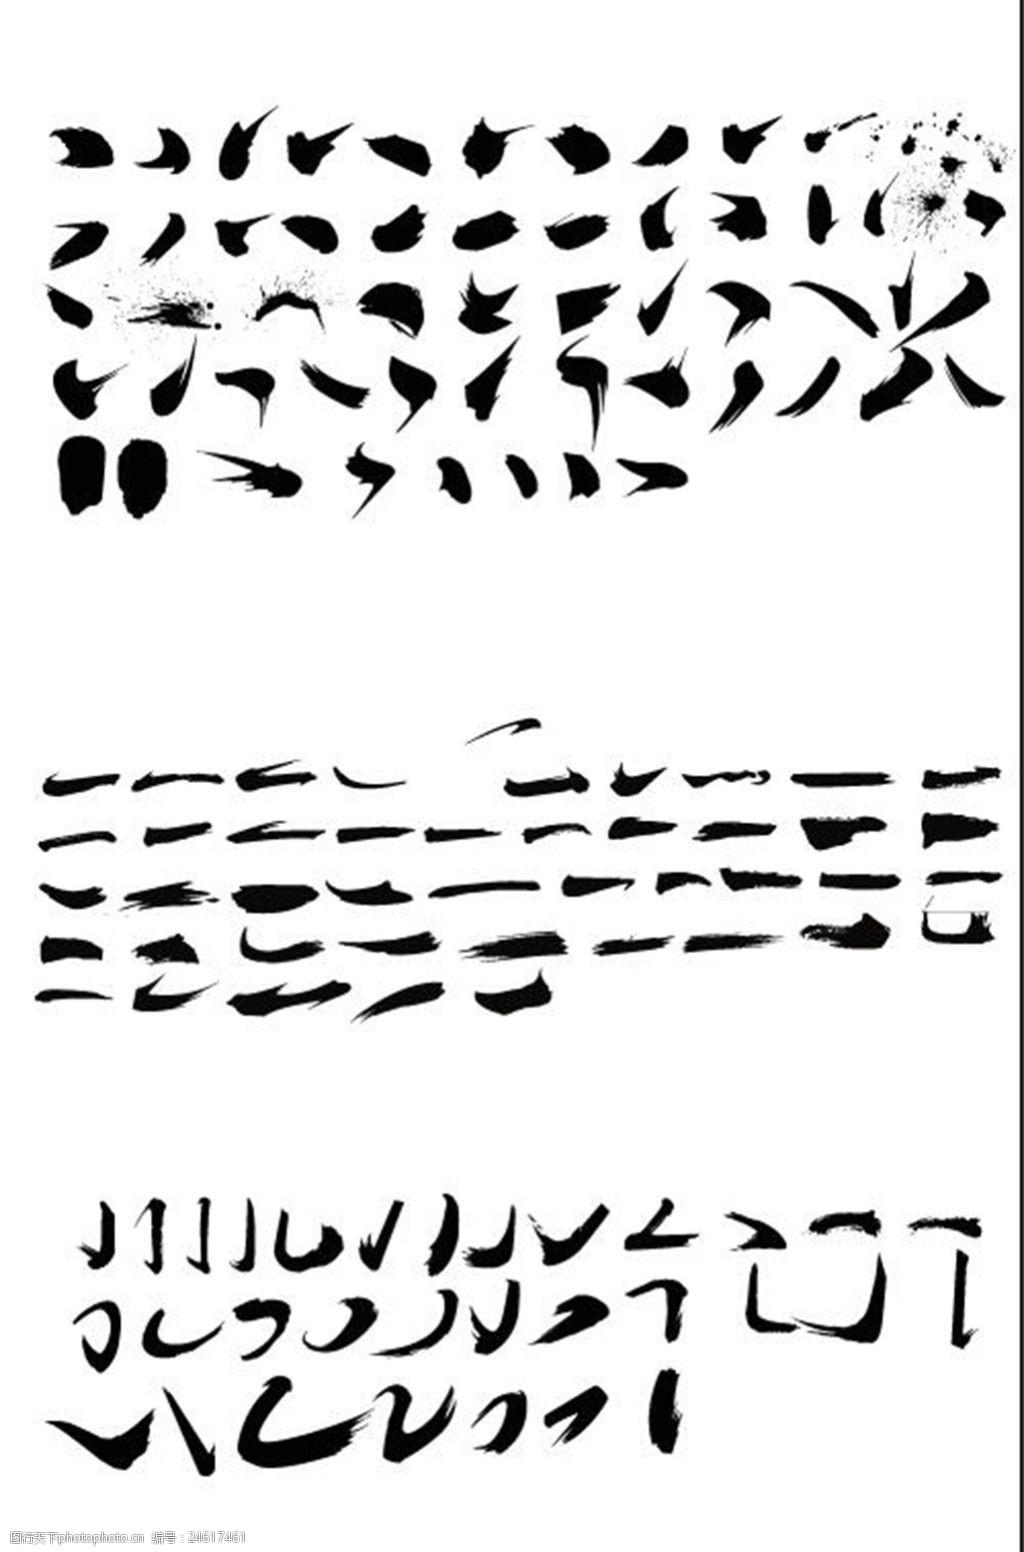 各种字体公司毛笔v字体必备大连景观设计甲级笔触图片